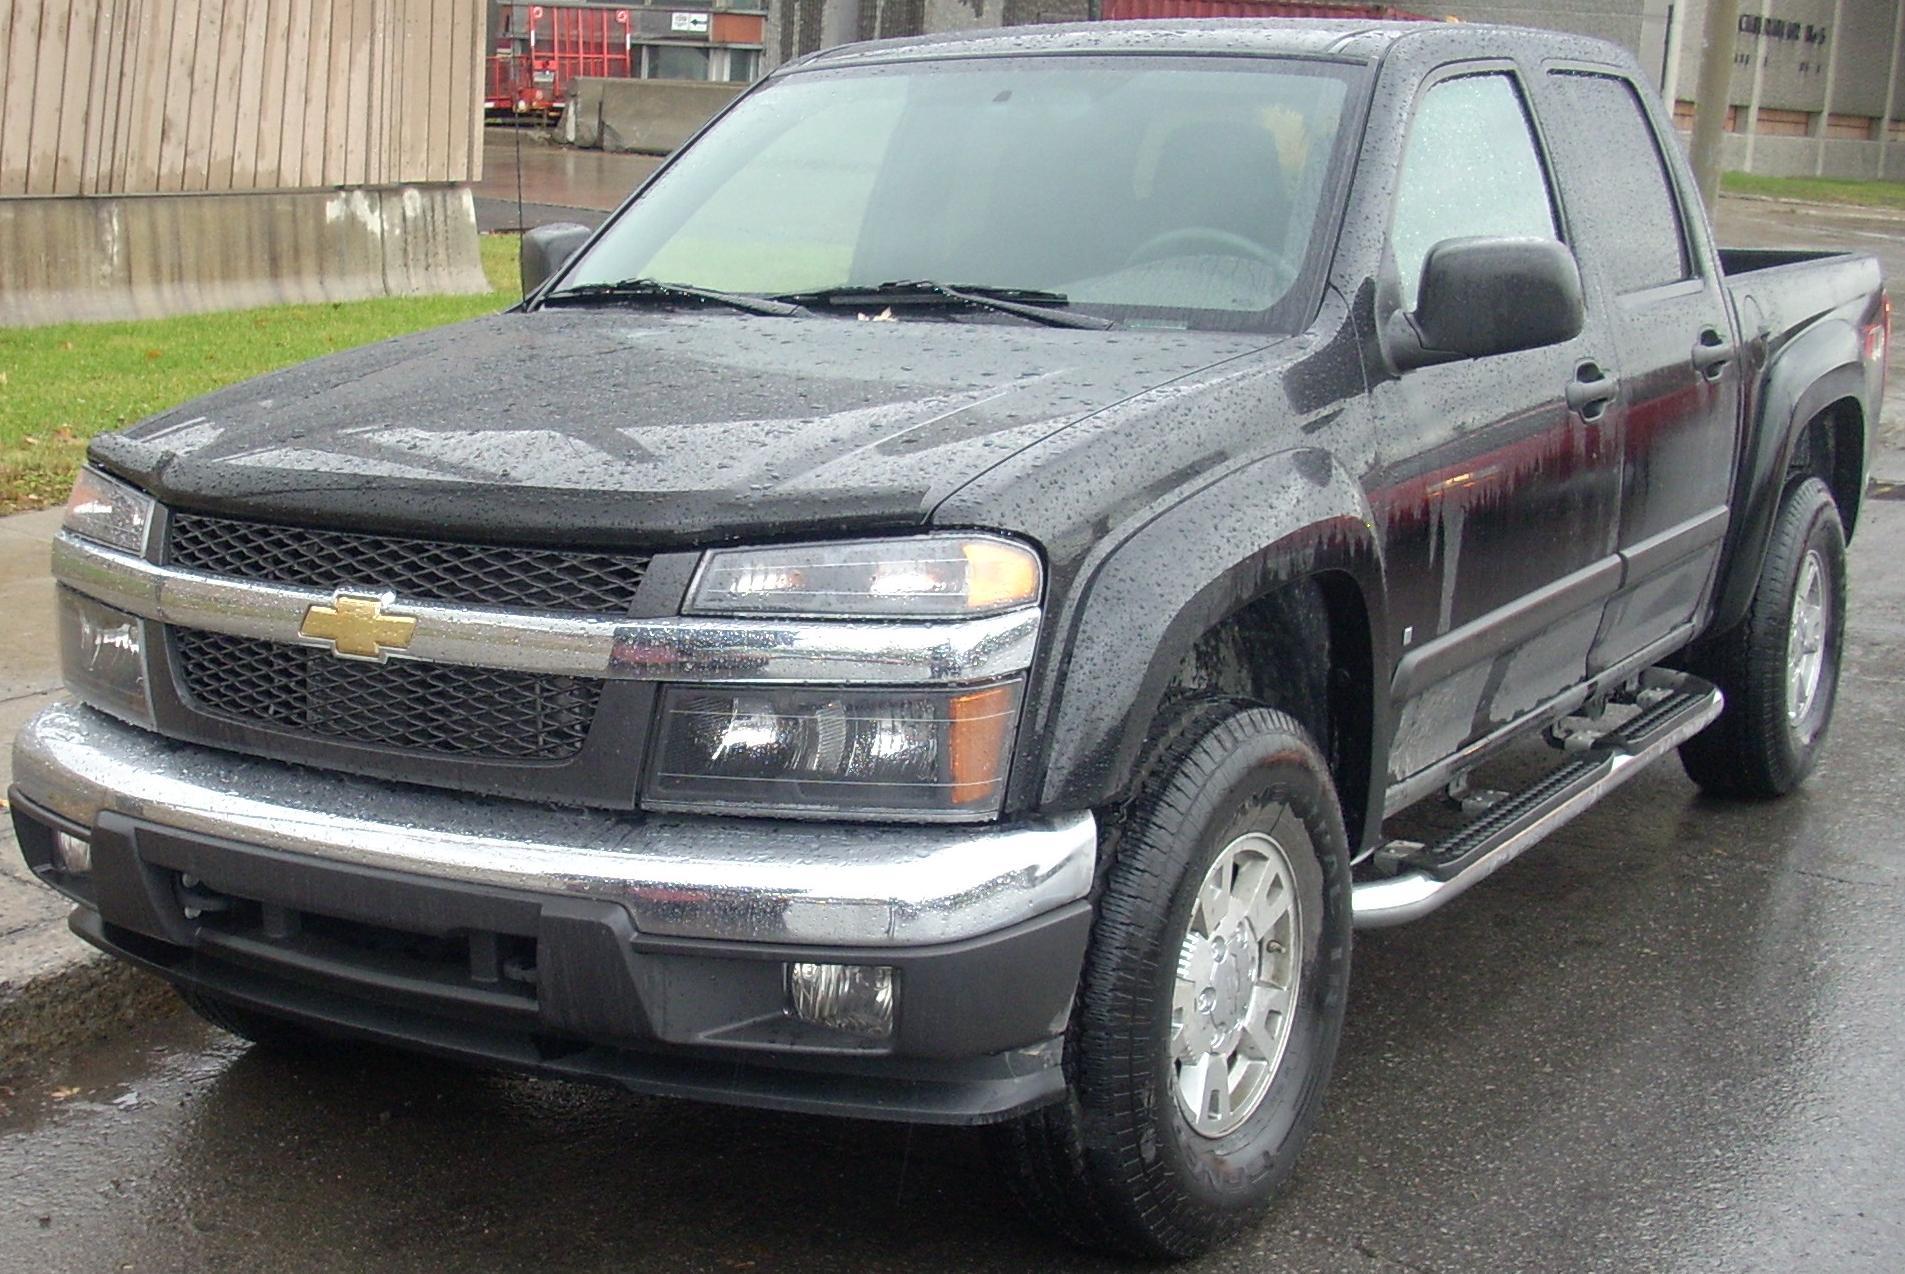 Description Chevrolet Colorado Crew Cab.JPG